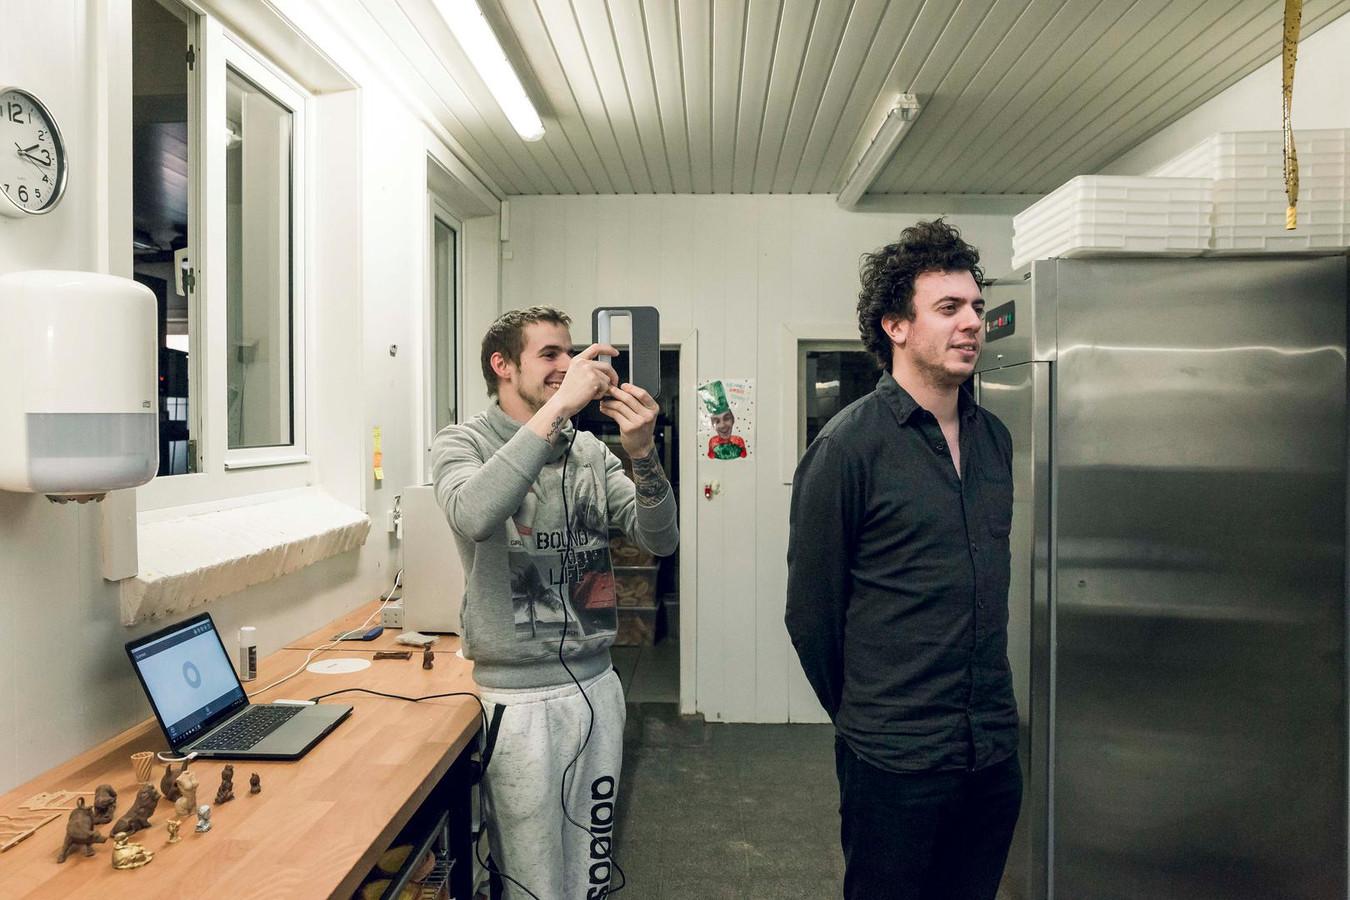 In zijn atelier neemt bakker Kenny Van Hoesen een scan van onze reporter.